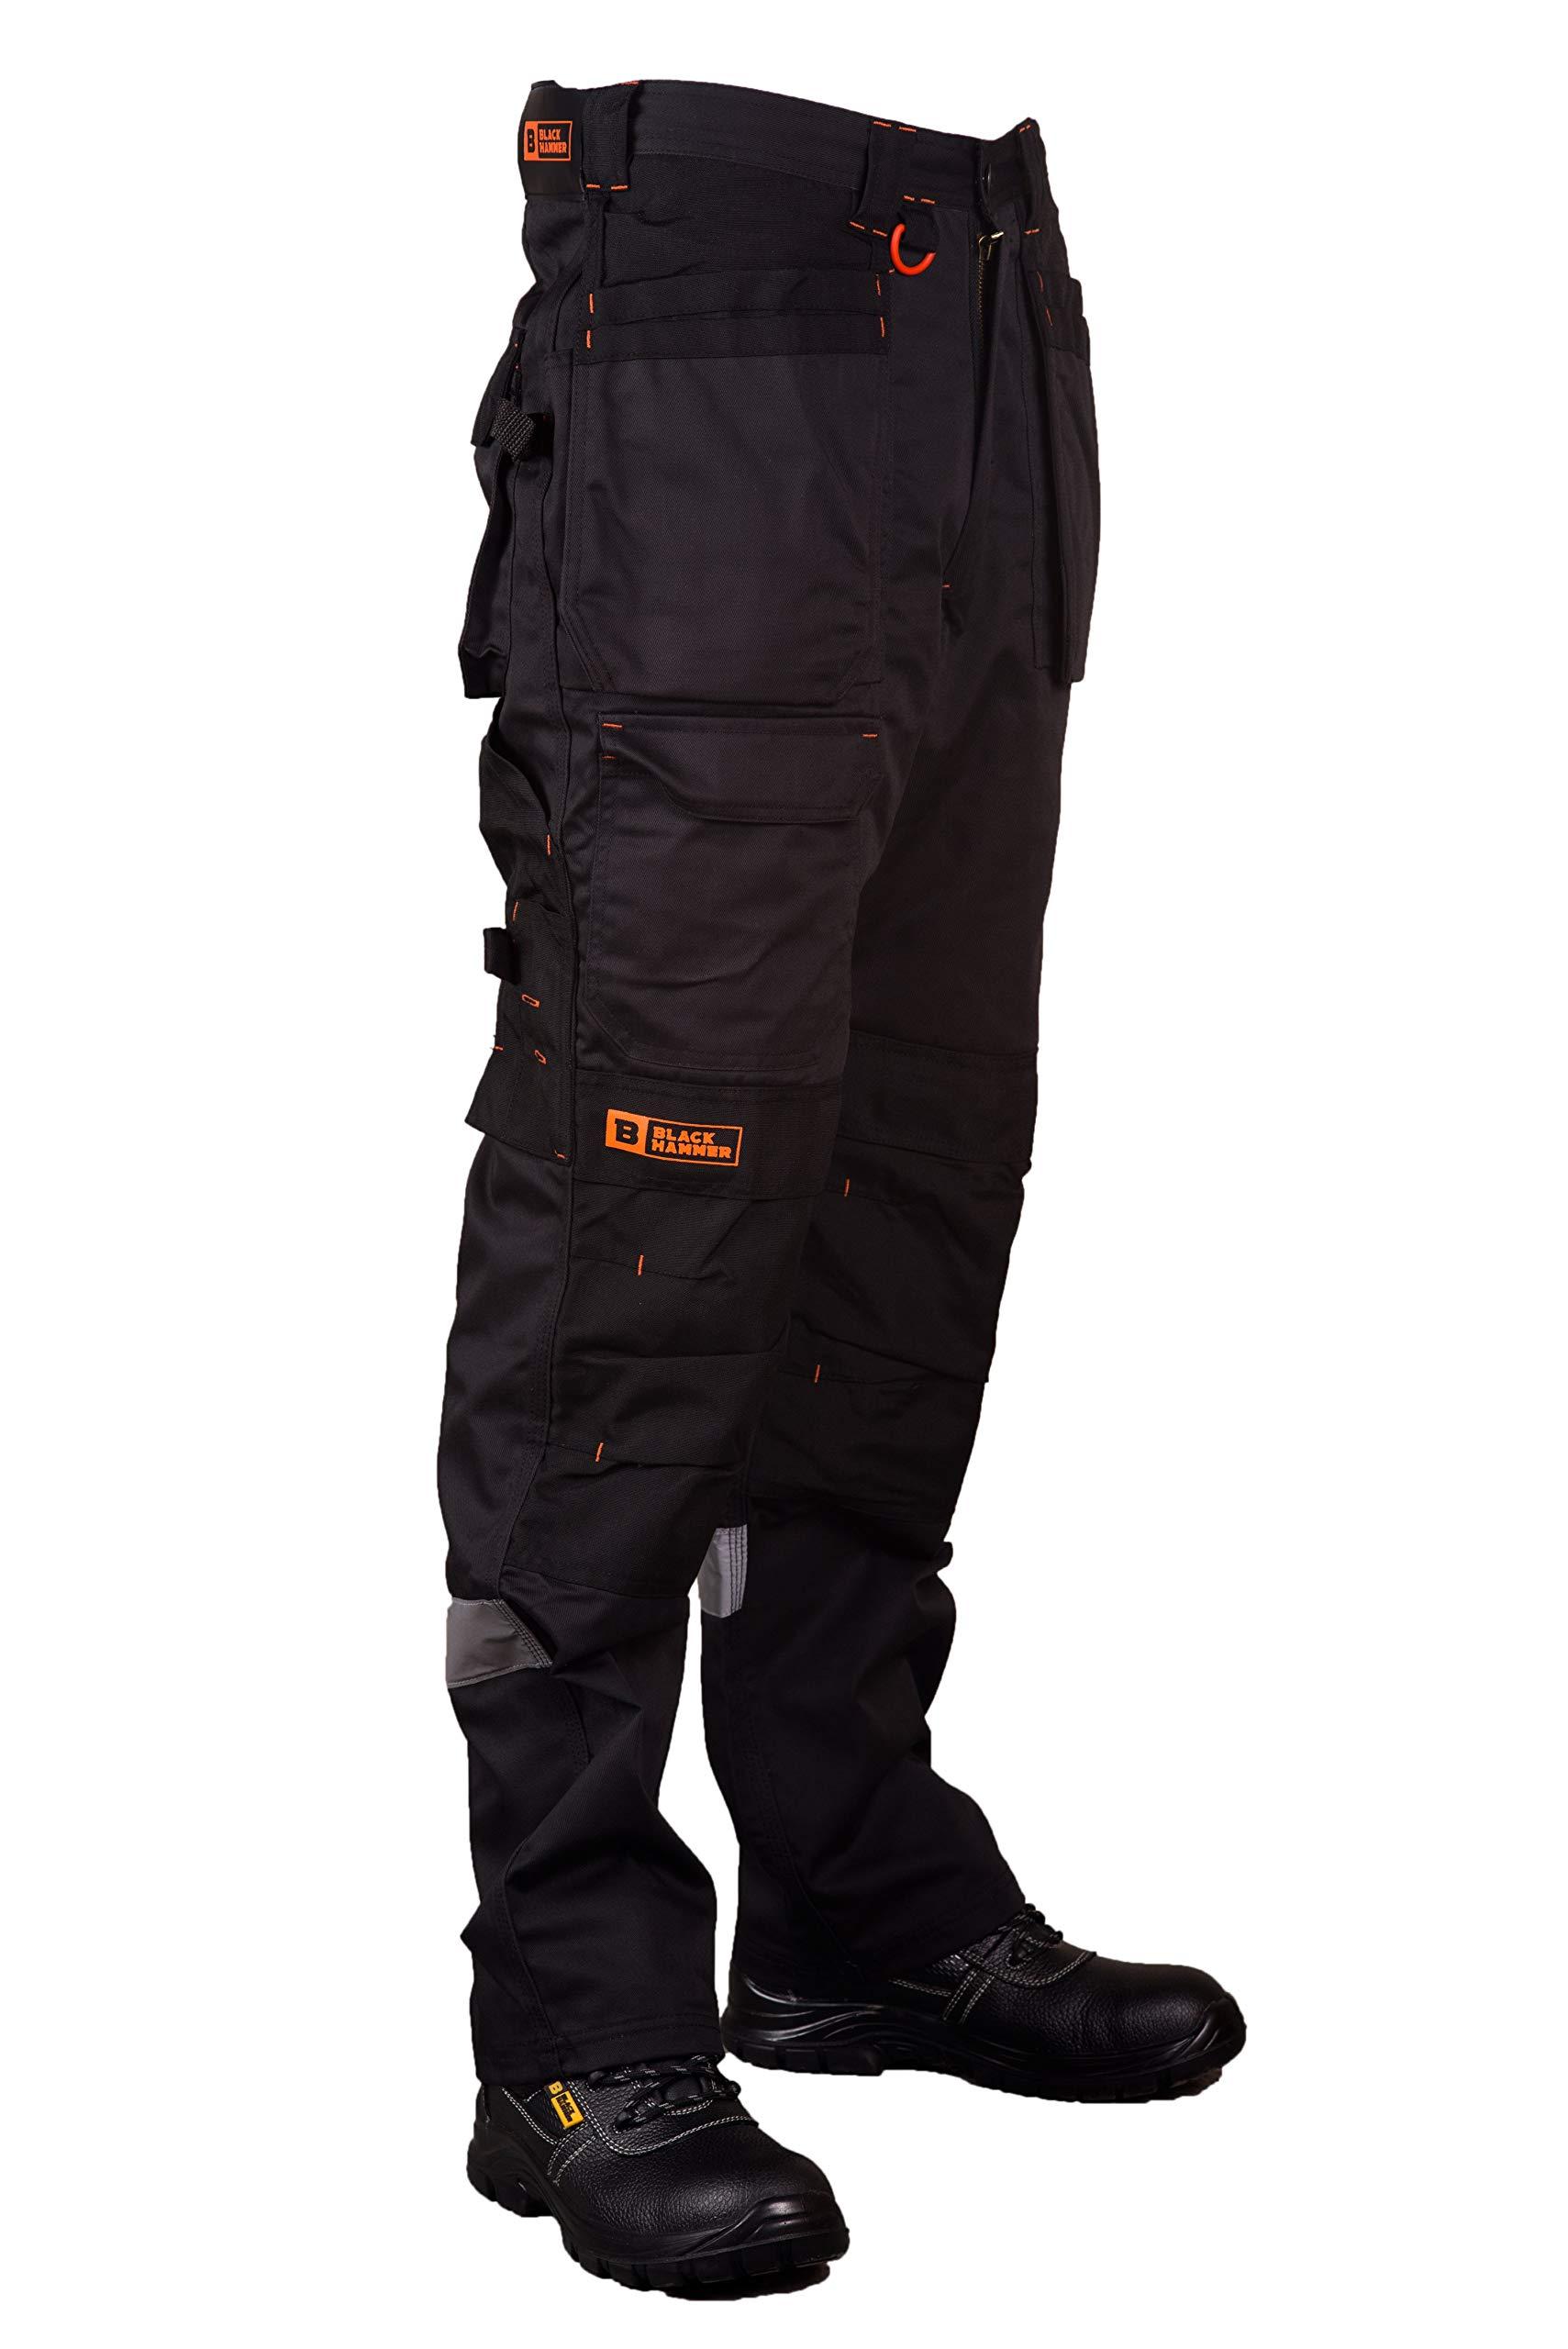 Pantalon de Travail pour Hommes, Ultra Solide avec Multiples Poches, triples Coutures Cordura pour renforcer Les Points de contrainte, Poche Genou rembourrée